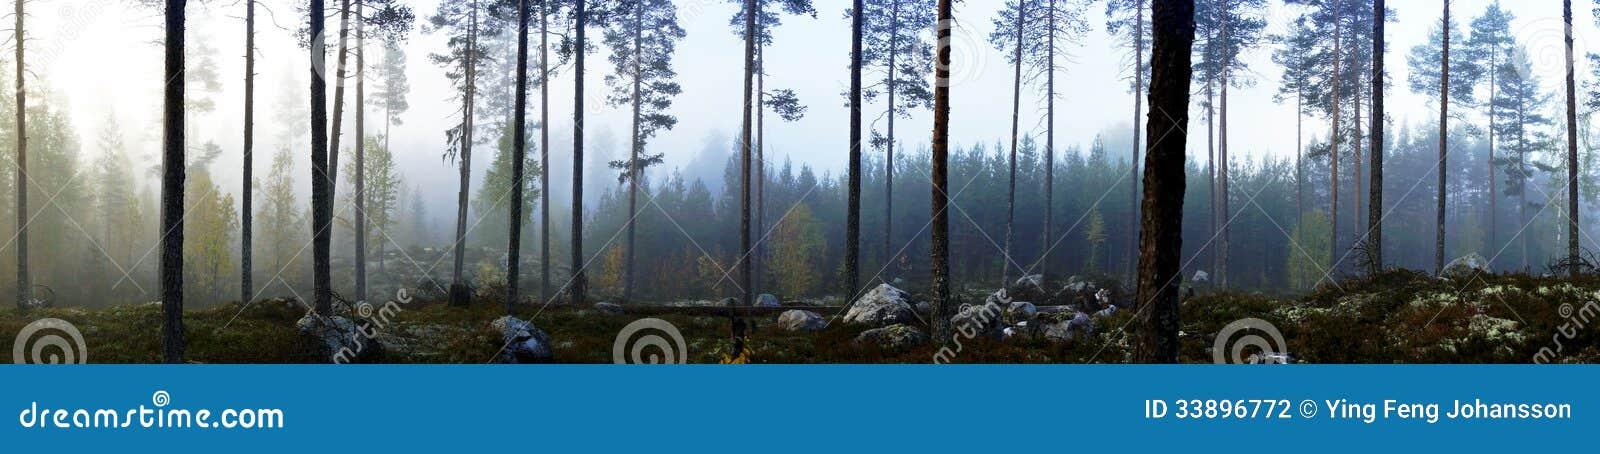 Шведский лес сосенки в тумане